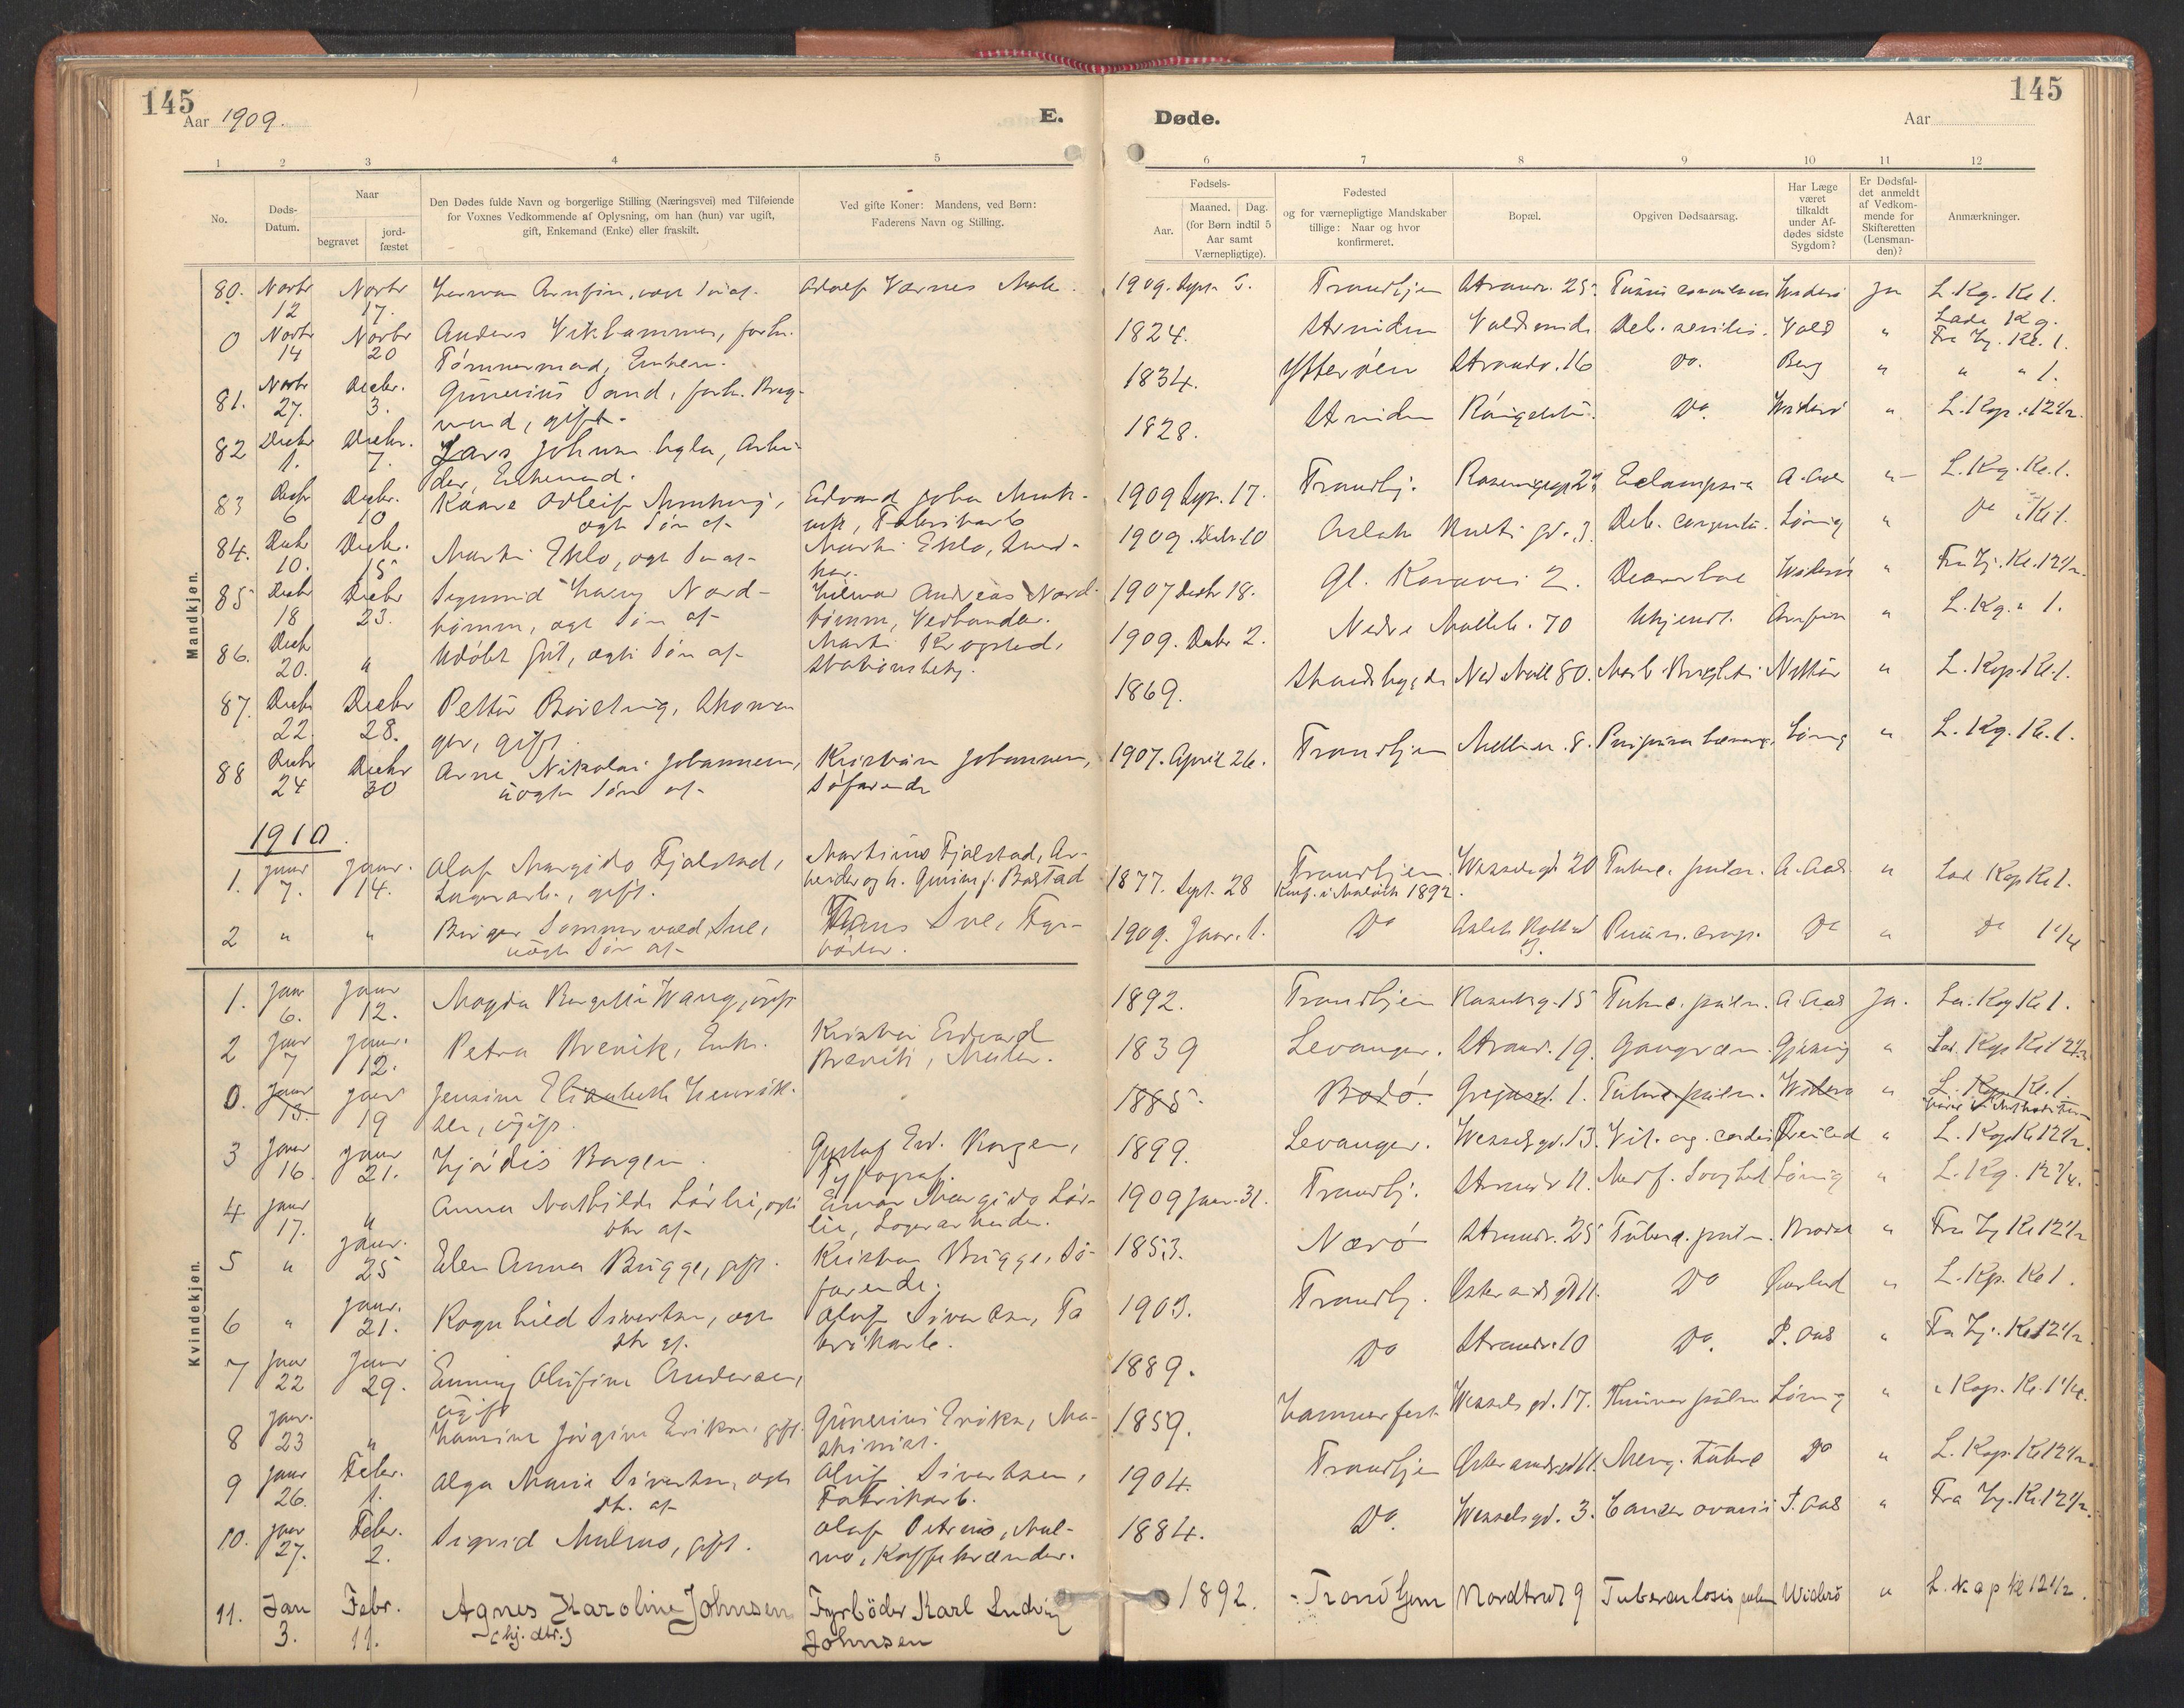 SAT, Ministerialprotokoller, klokkerbøker og fødselsregistre - Sør-Trøndelag, 605/L0244: Ministerialbok nr. 605A06, 1908-1954, s. 145